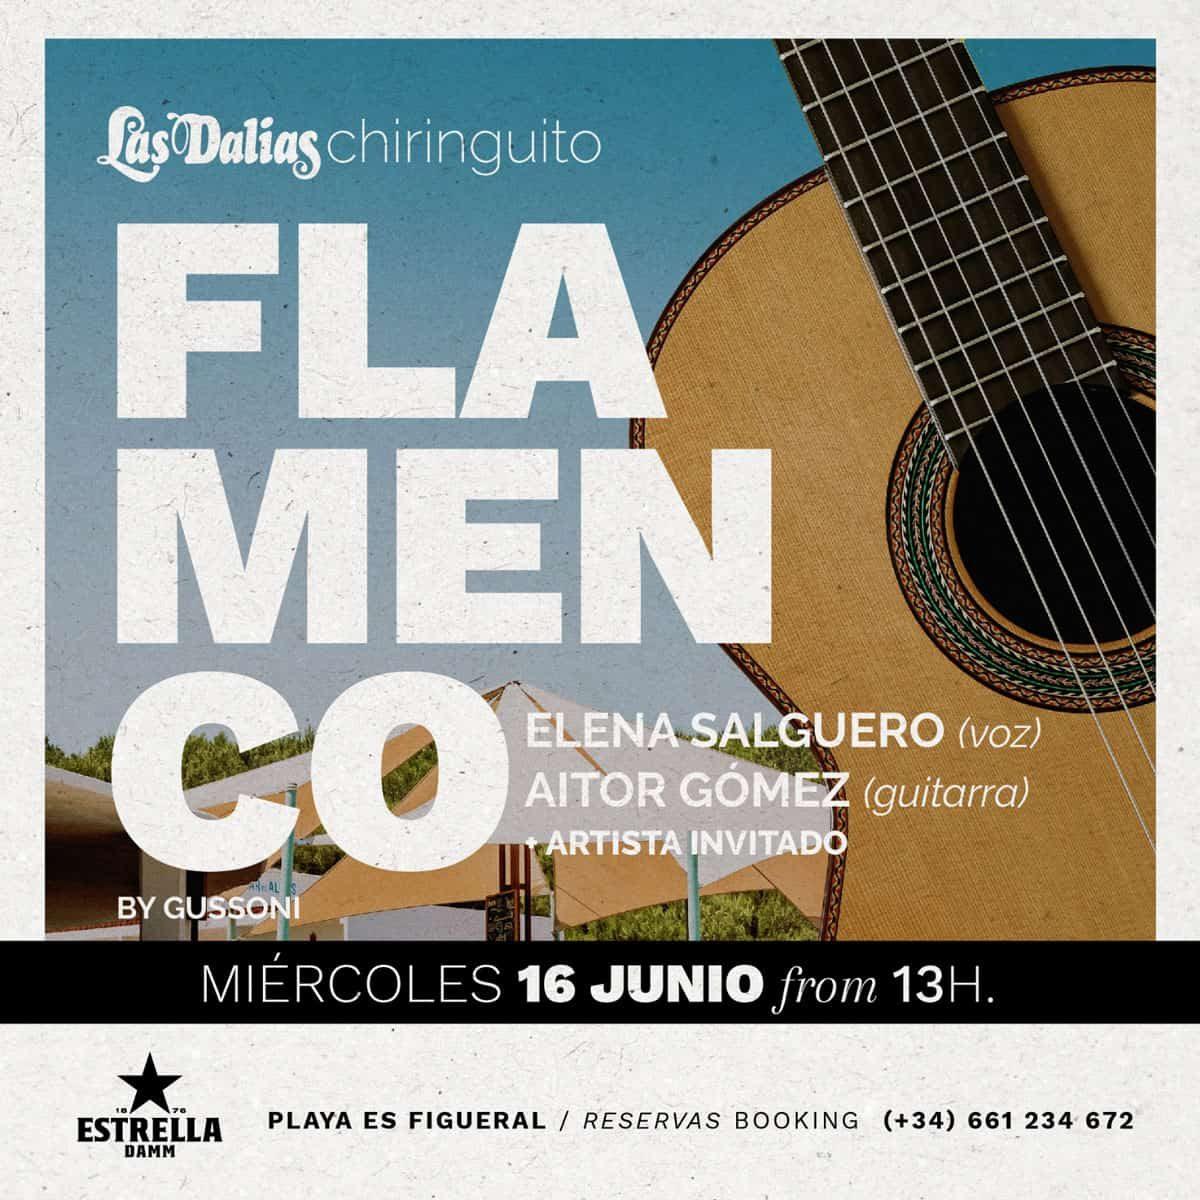 flamenco-chiringuito-las-dalias-ibiza-2021-welcometoibiza